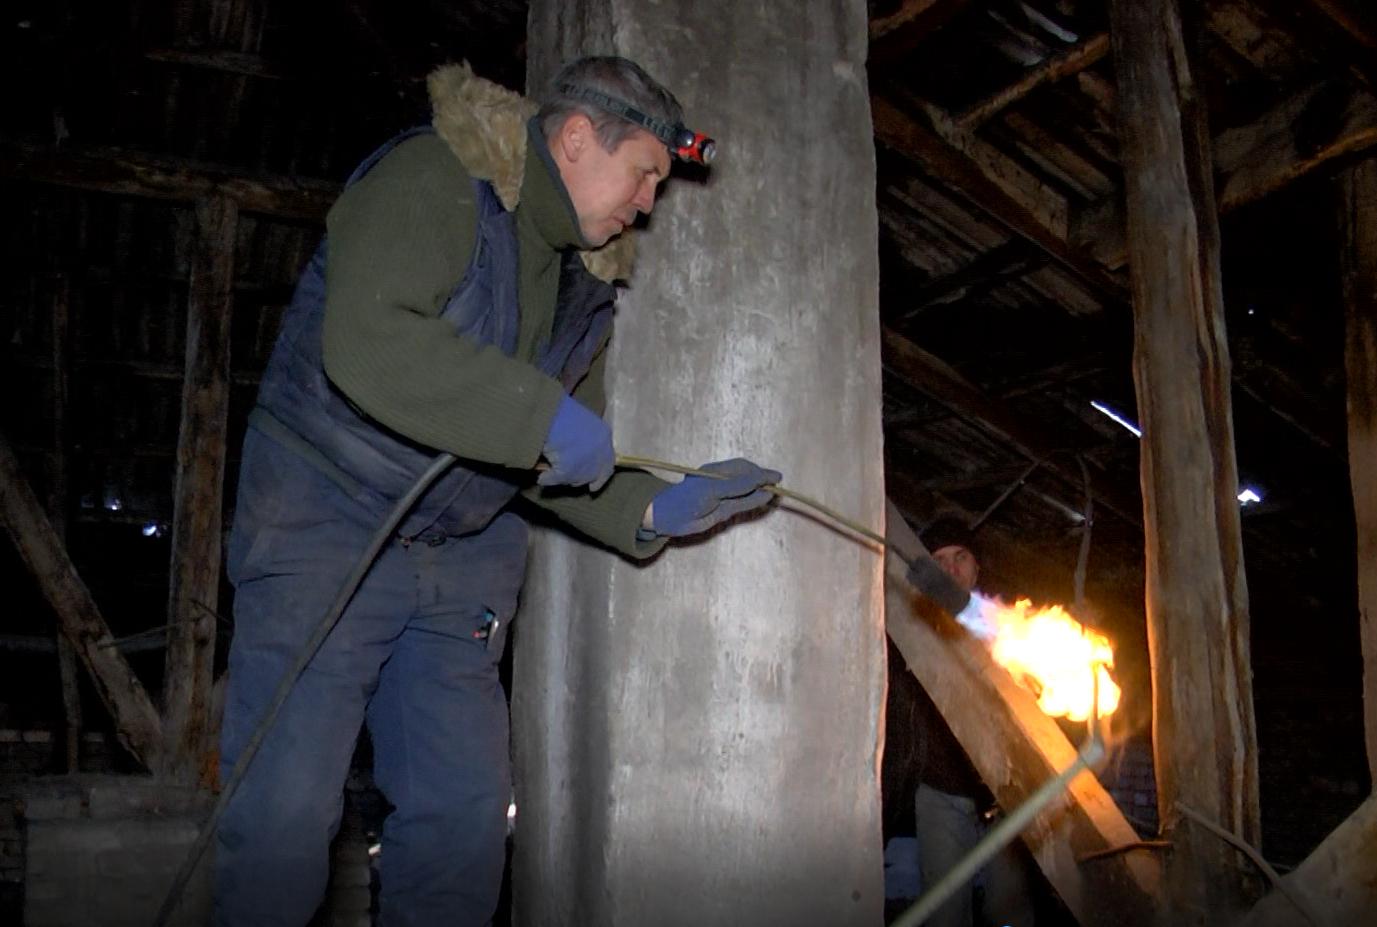 Аварийная служба Каменского обеспечивает тепло в домах горожан, фото-2